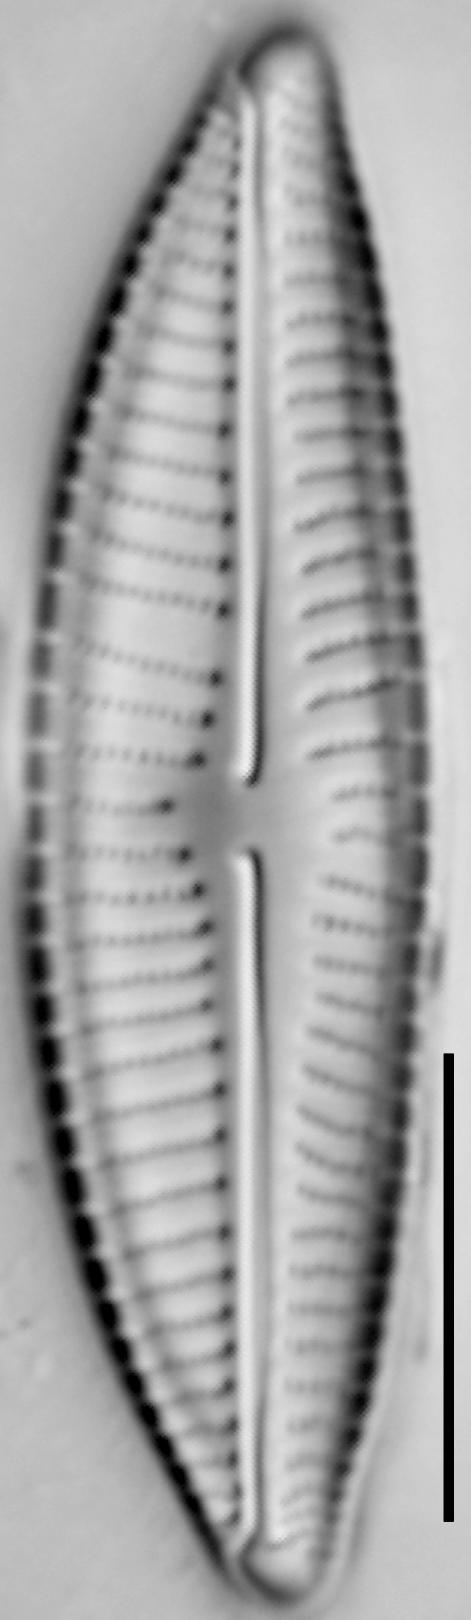 Encyonema hebridicum LM5